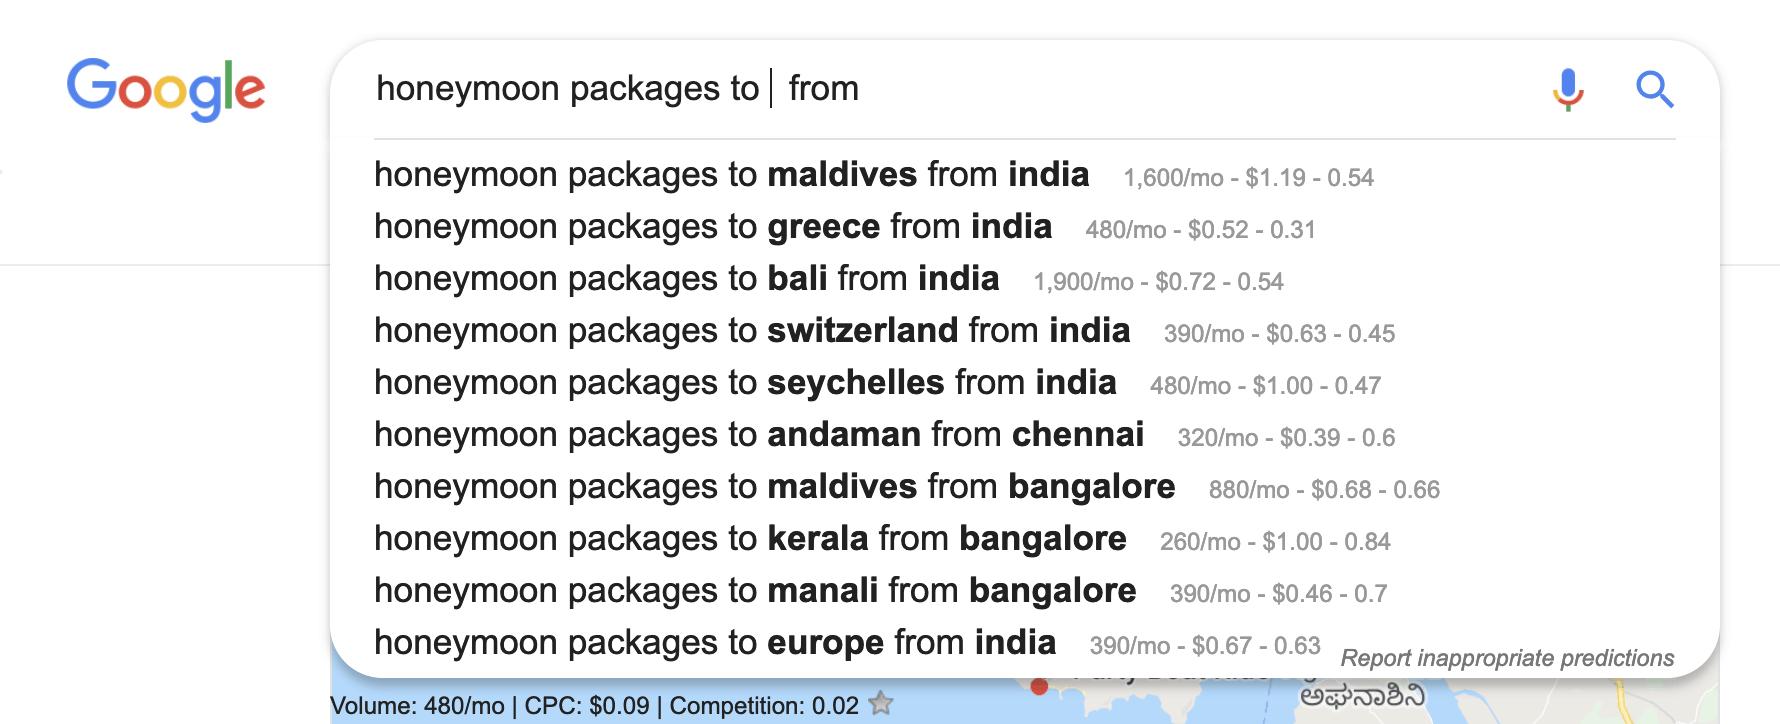 Keyword honeymoon packages